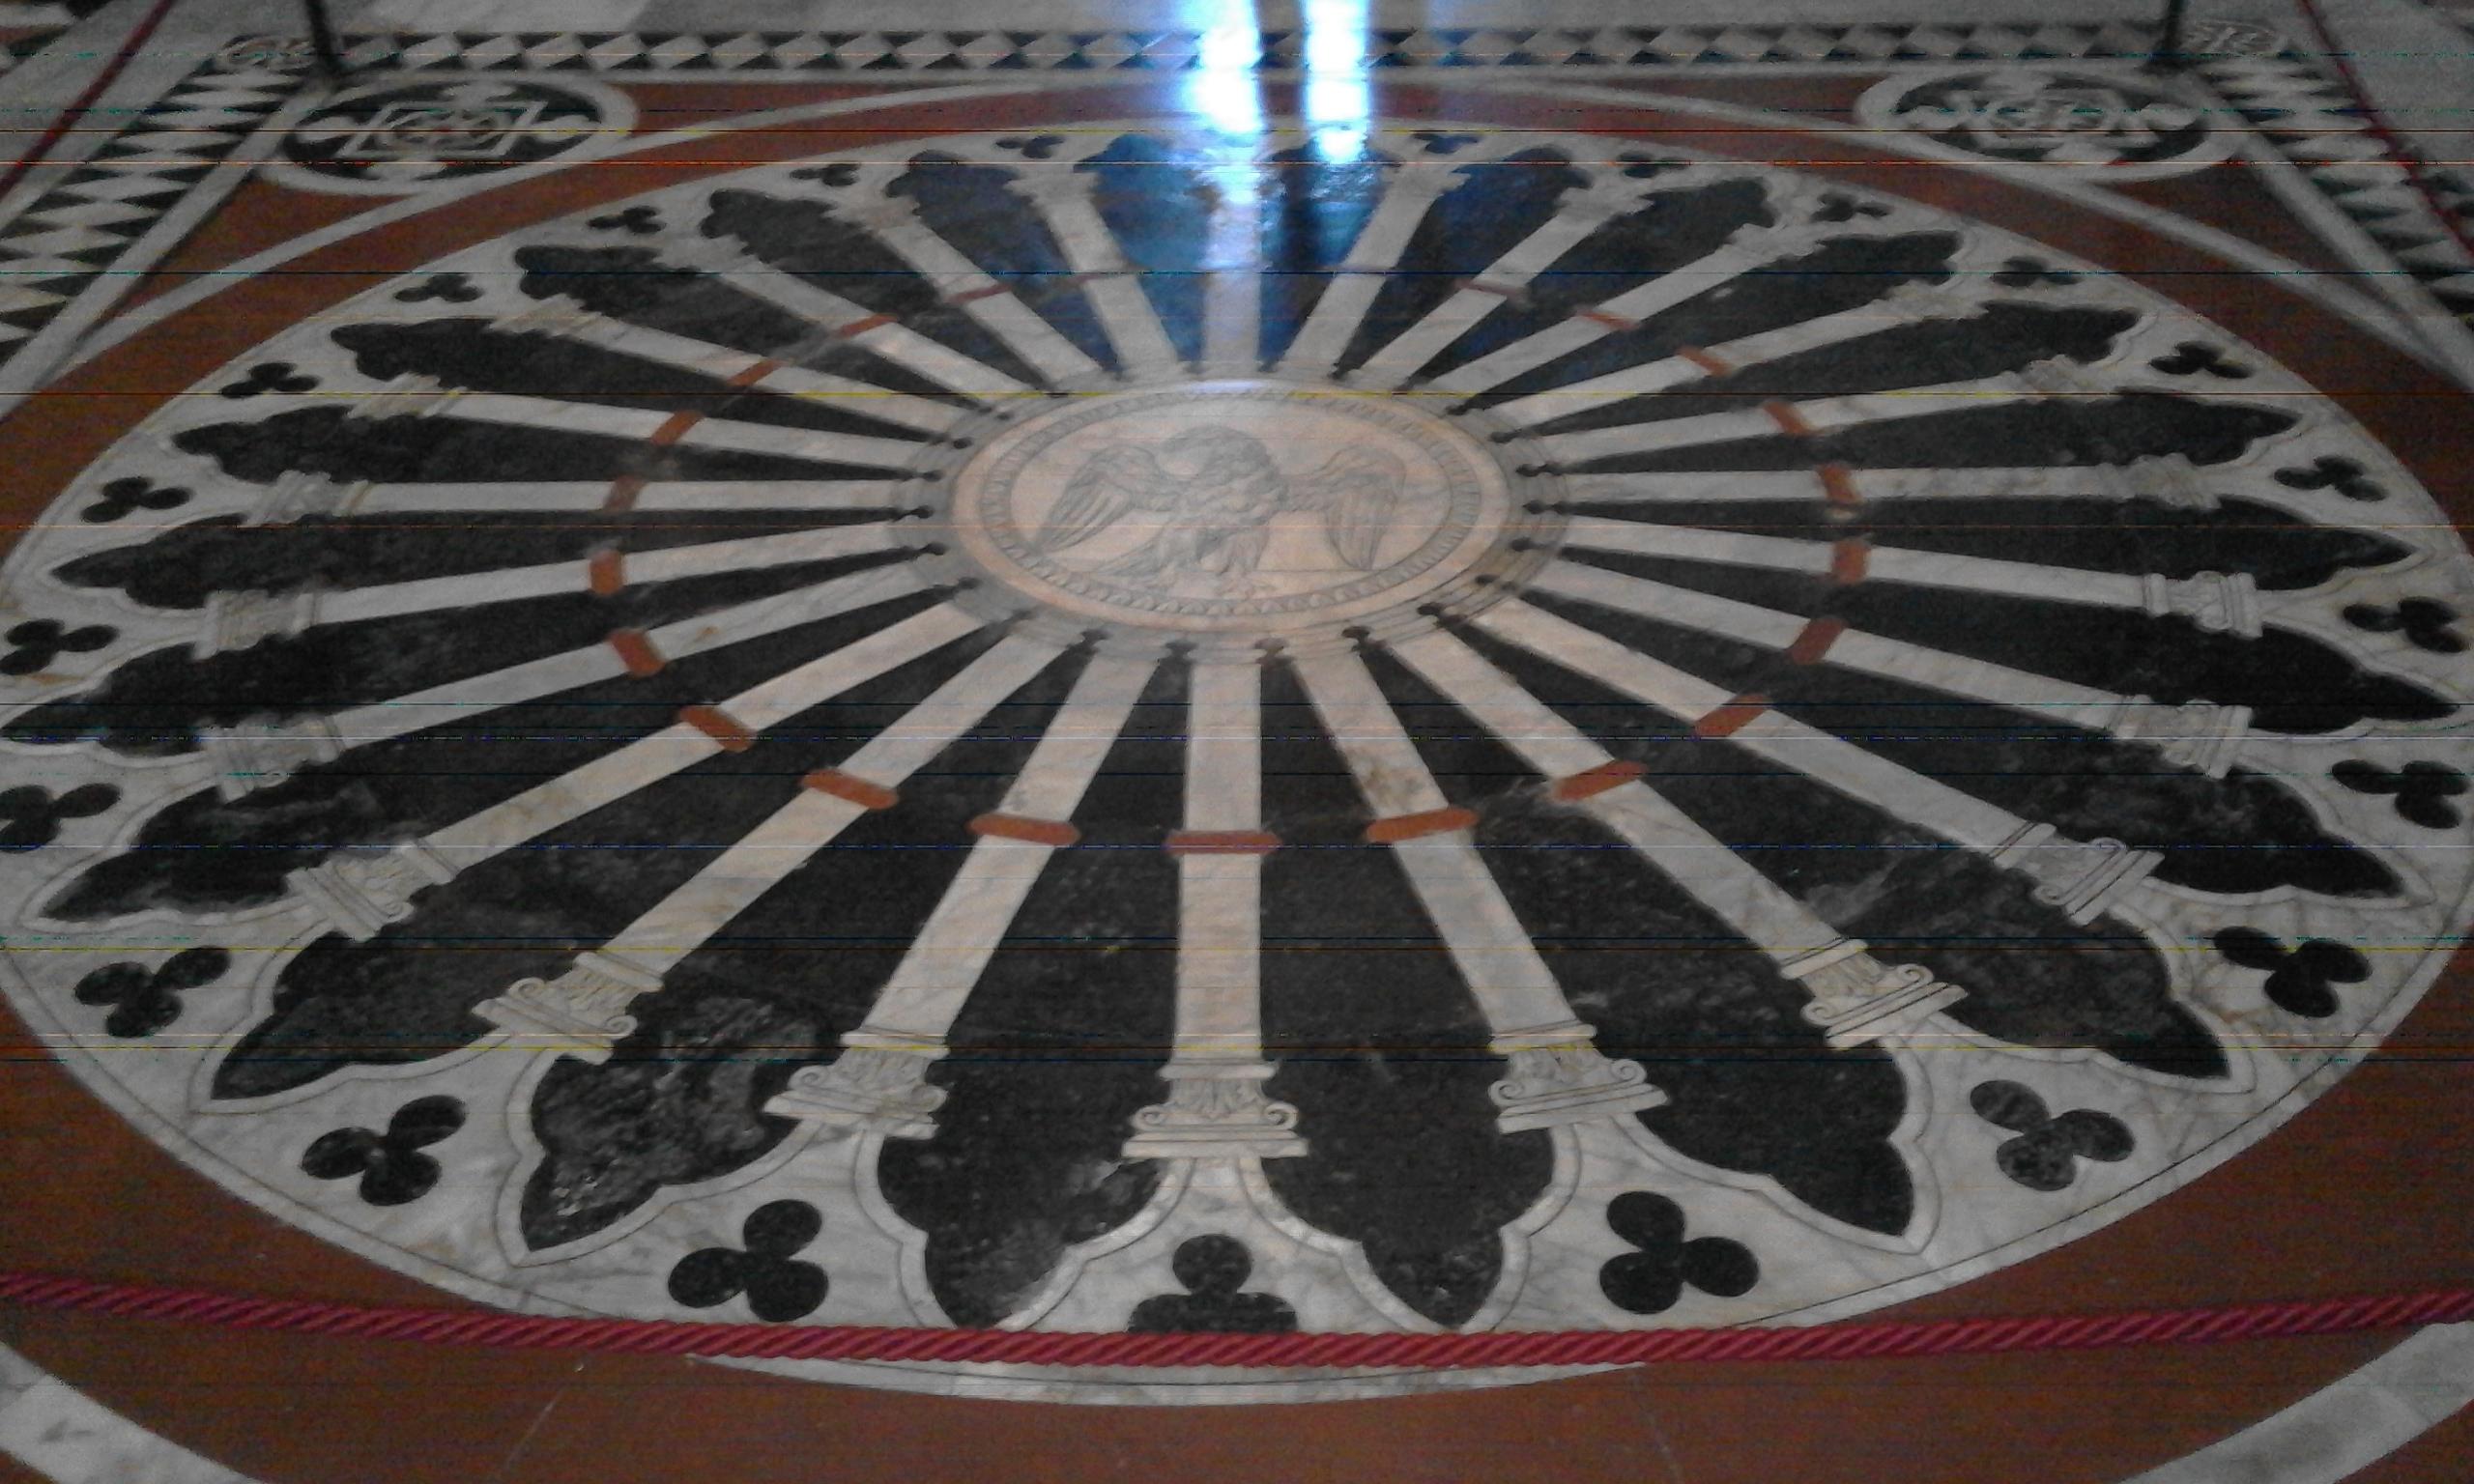 Ruota pavimento - Duomo di Siena